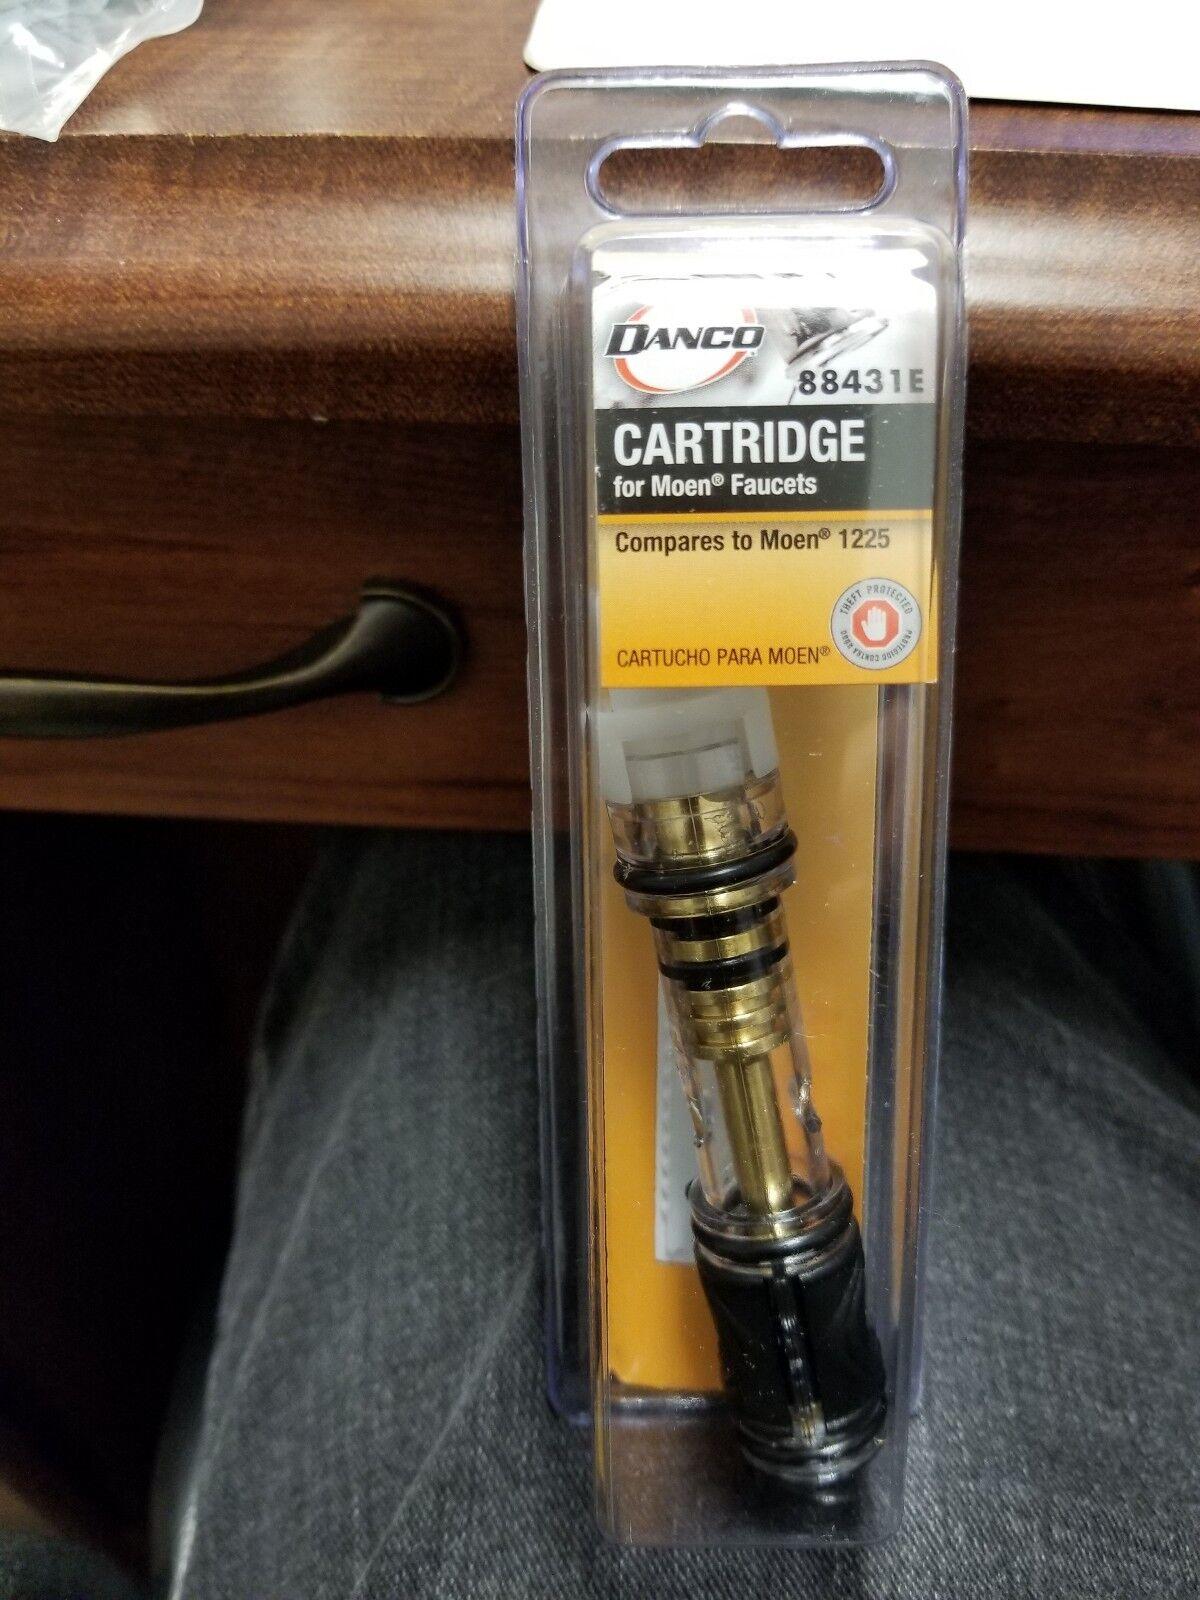 Danco 88431e Cartridge for Moen 1225 * | eBay